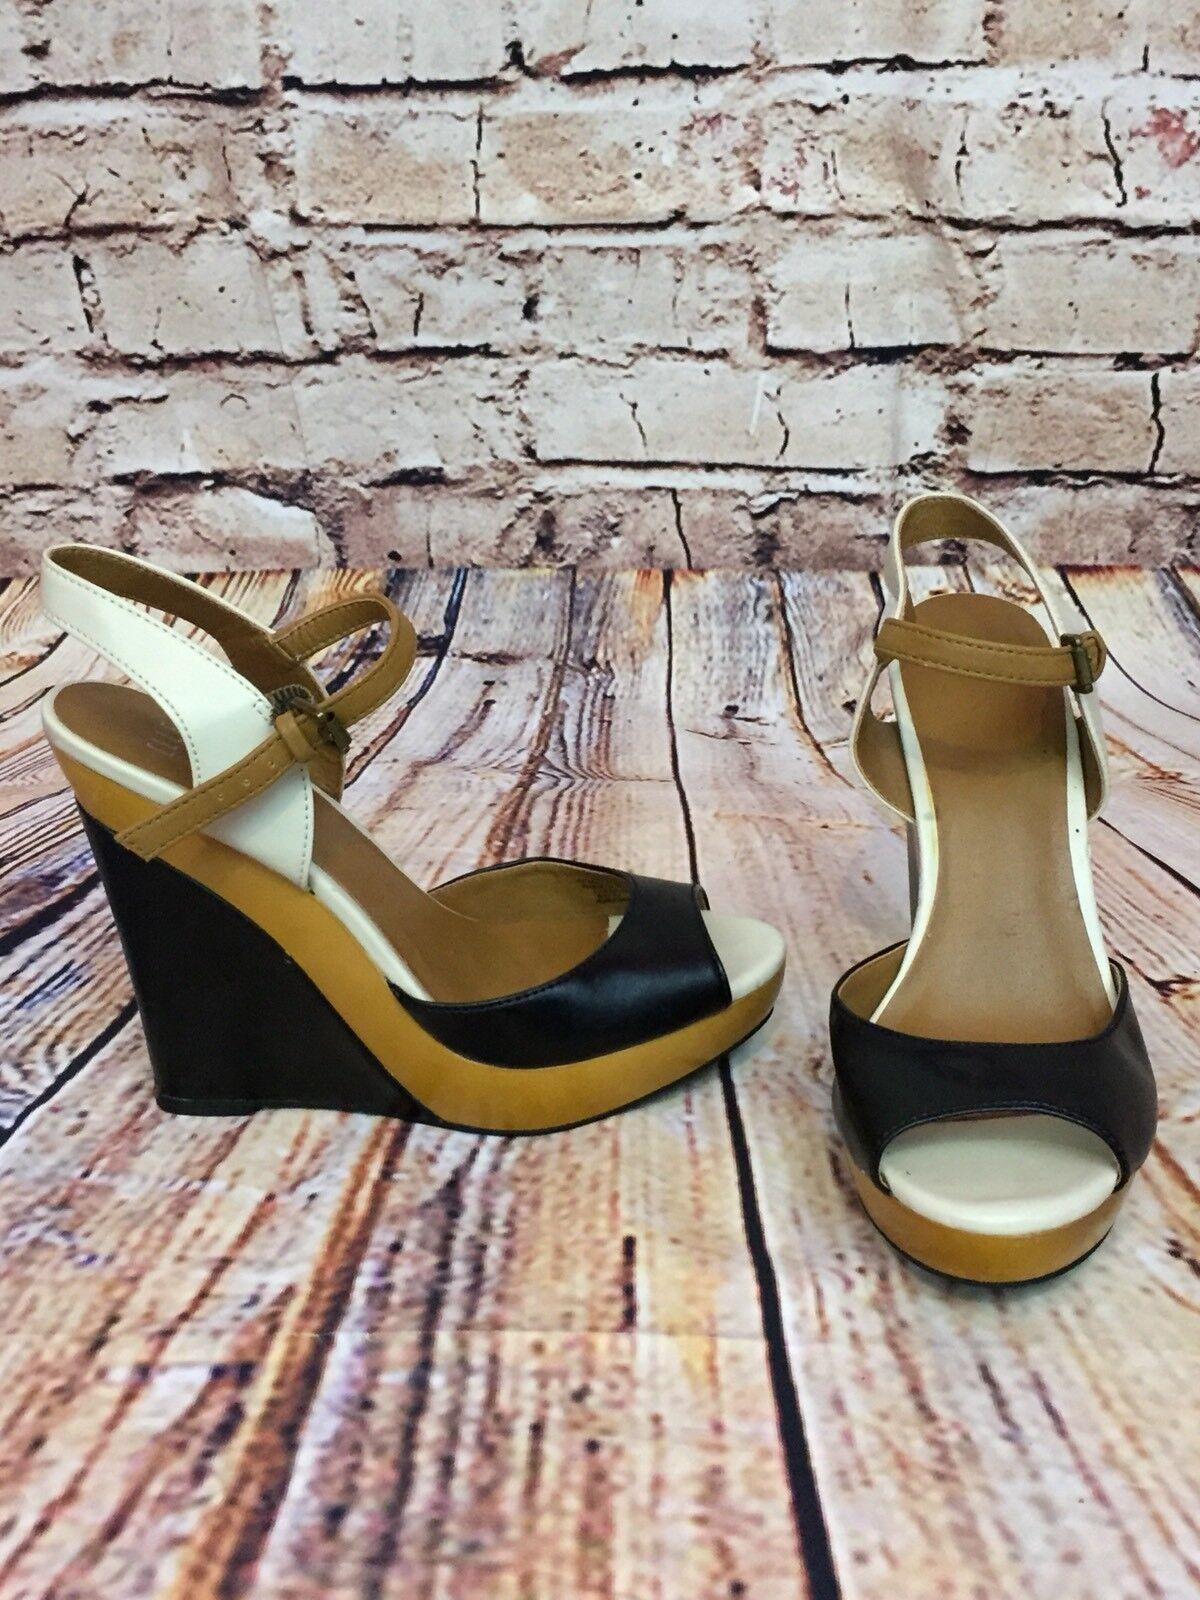 Elle Womens Shoes Wedge Platform Ankle Strap Size Color Block Tan Black Size Strap 7 598a4a